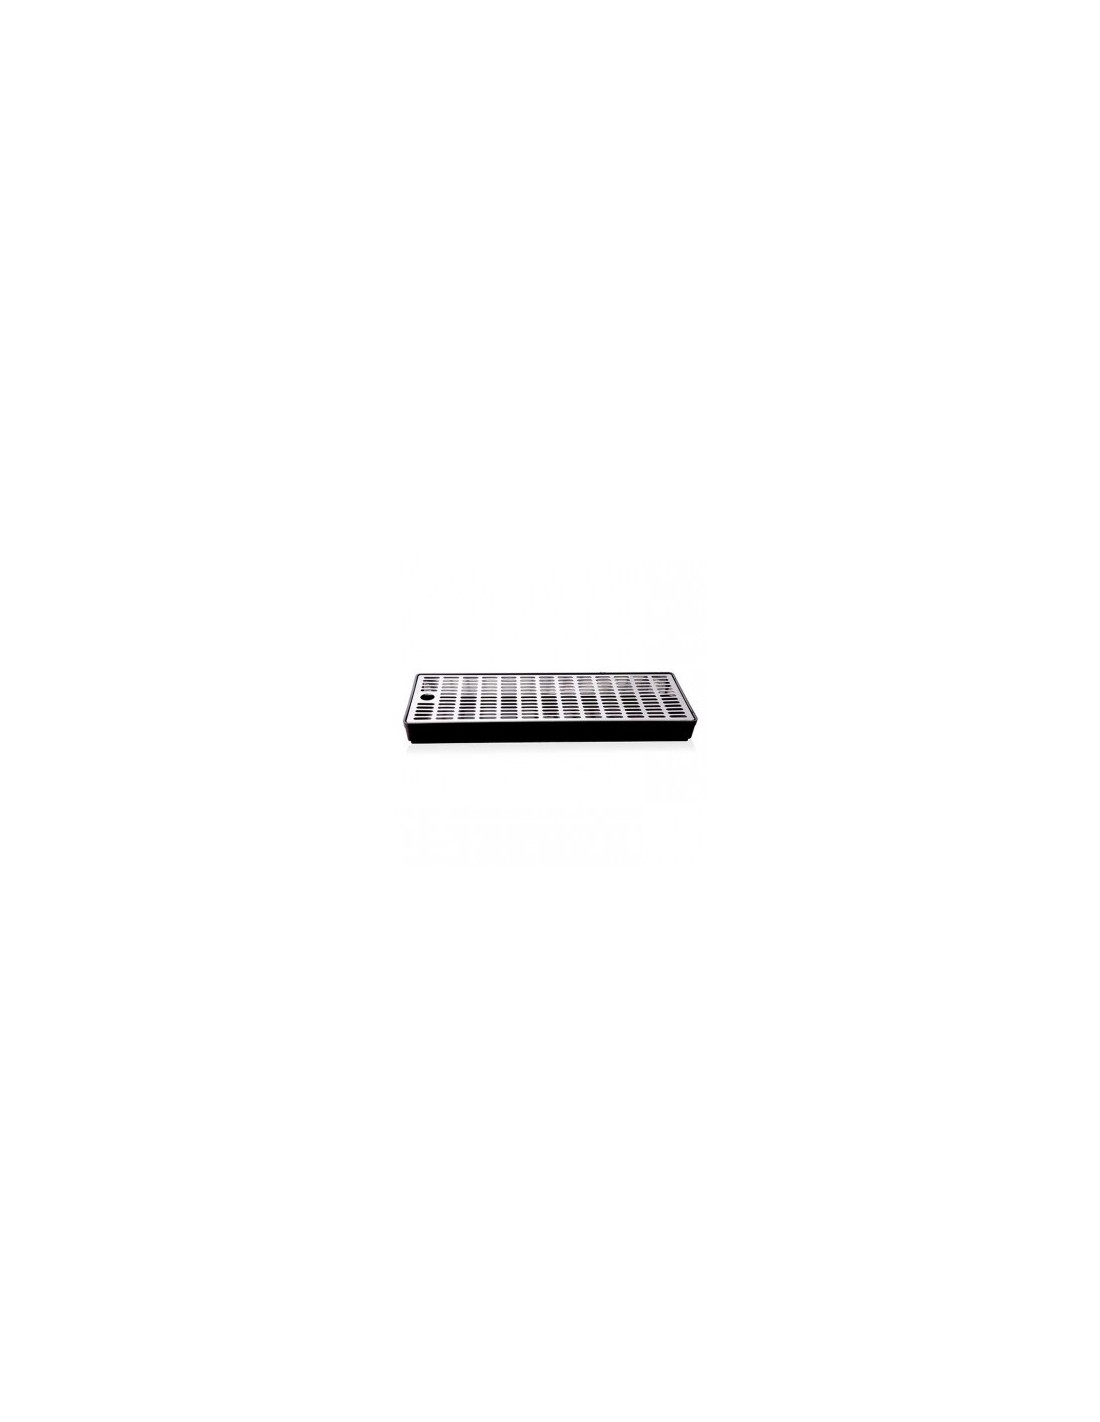 VYR02273 - Spillbrickor - Spillbricka i plast och rostfritt 400x150x35 mm